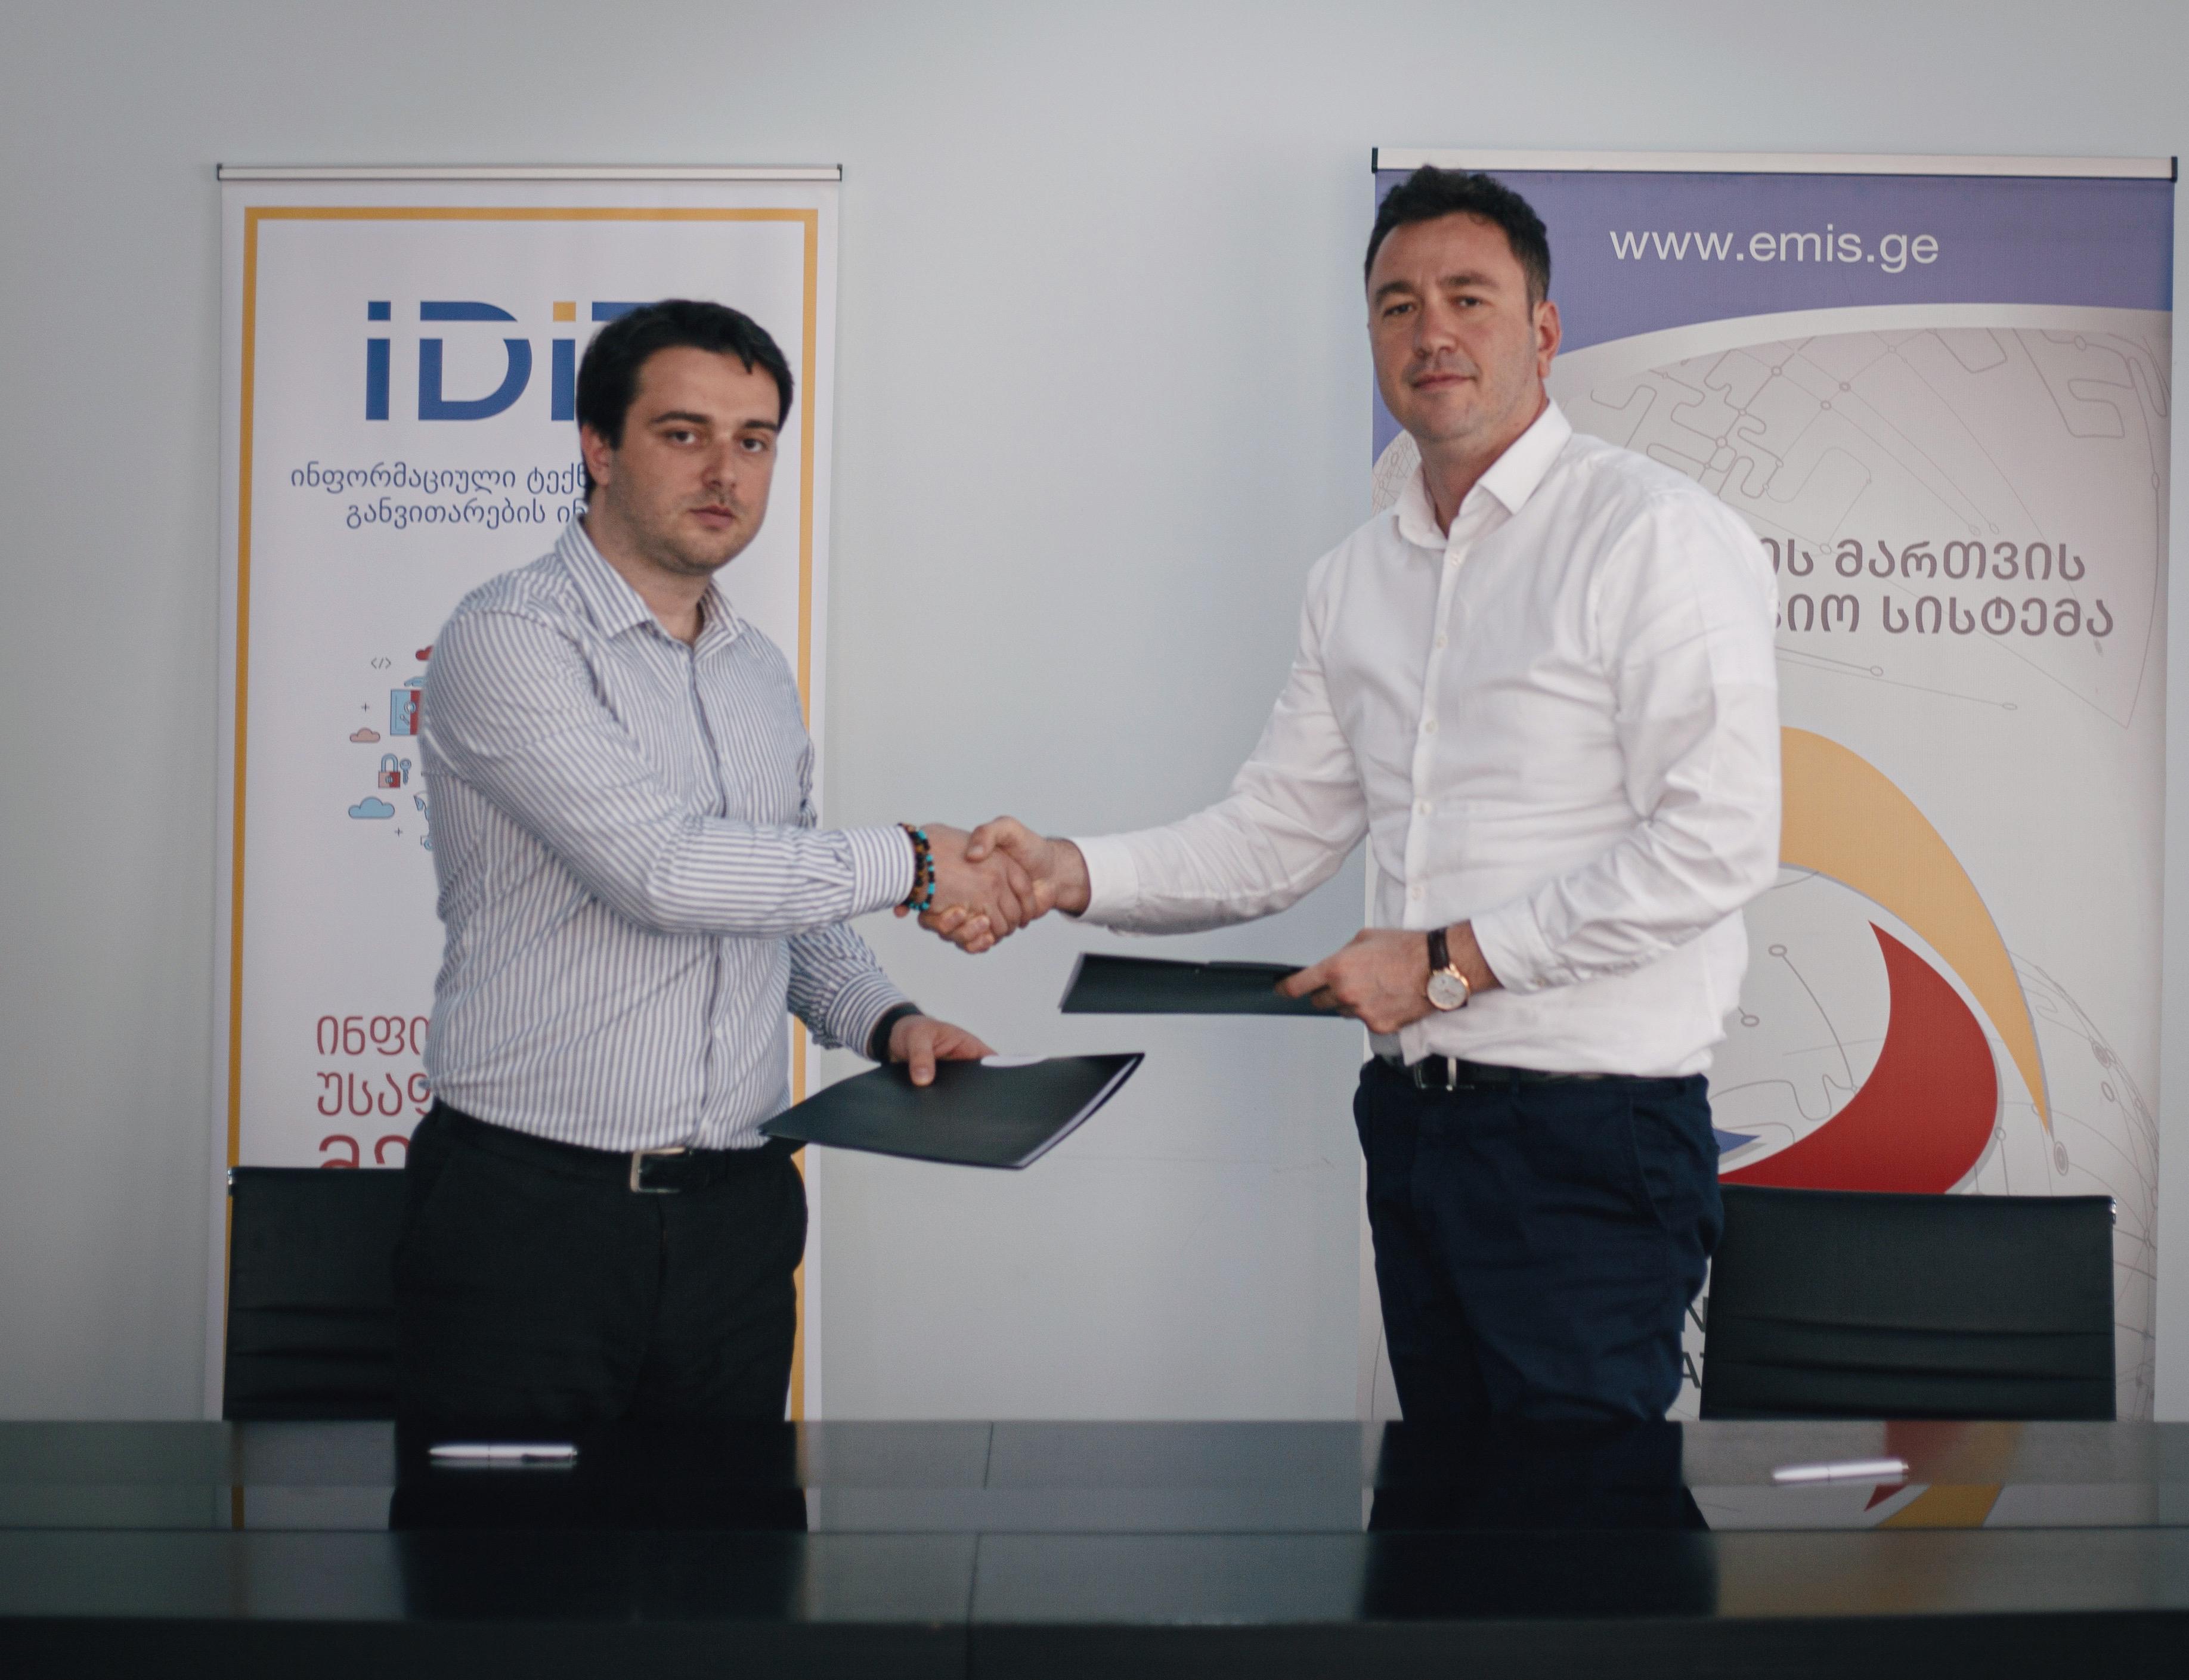 IDIT-სა და EMIS-ს შორის თანამშრომლობის მემორანდუმი გაფორმდა